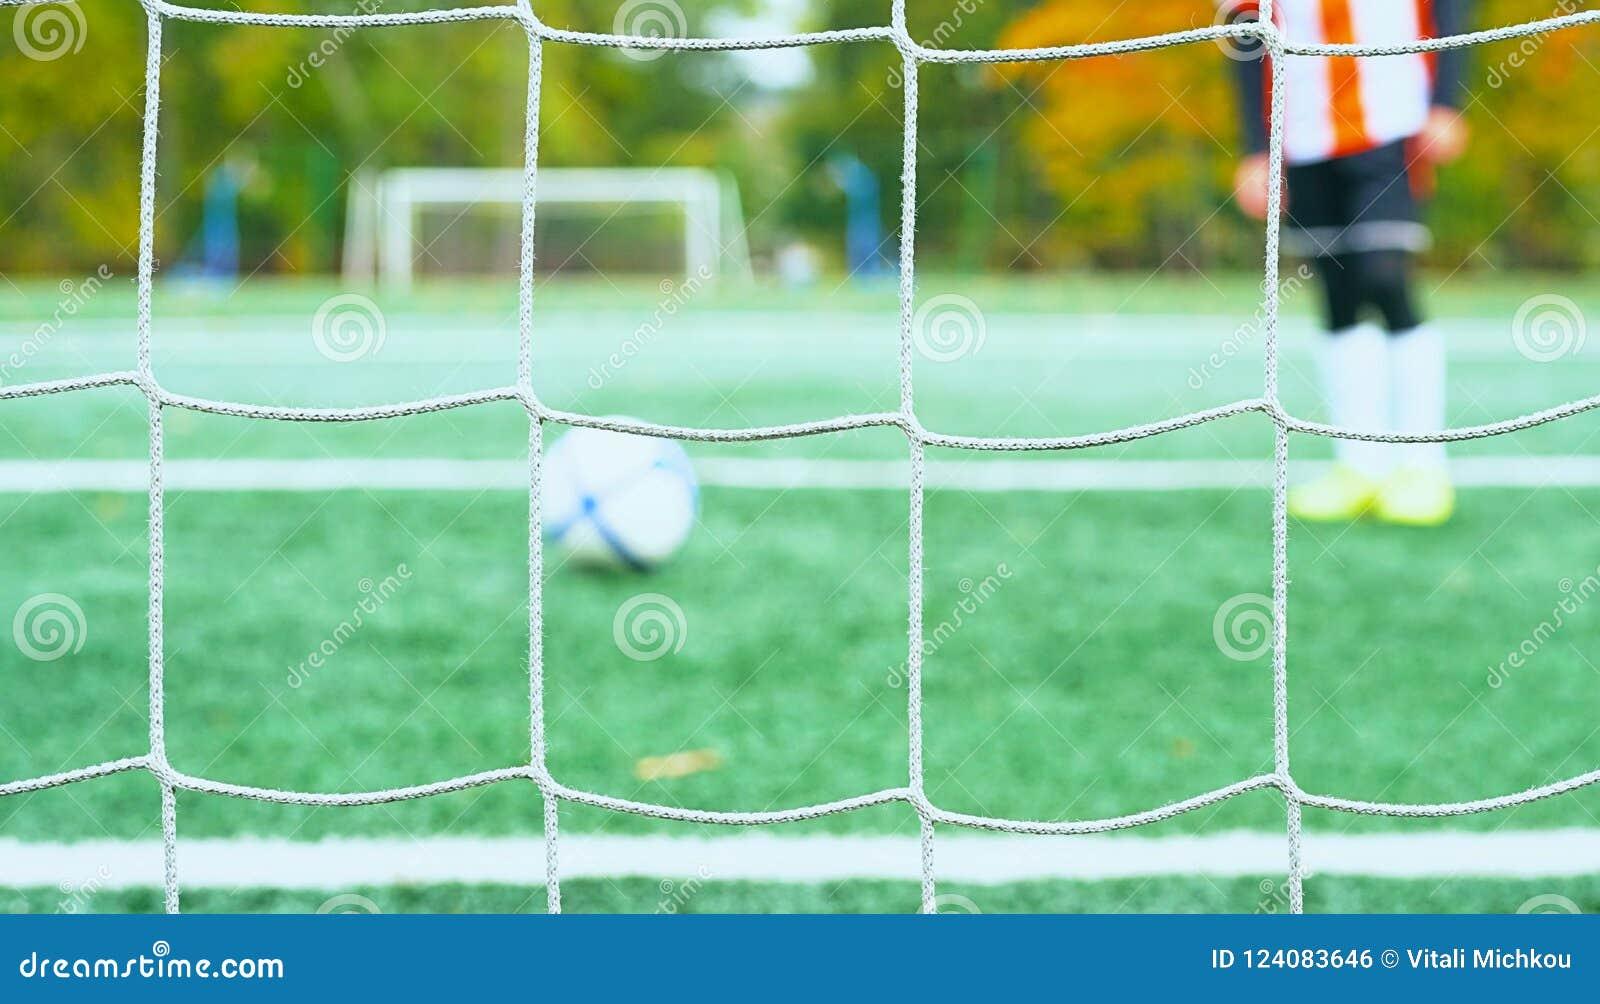 Os jovens borraram o jogador de futebol que toma um pontapé de grande penalidade contra a rede do objetivo